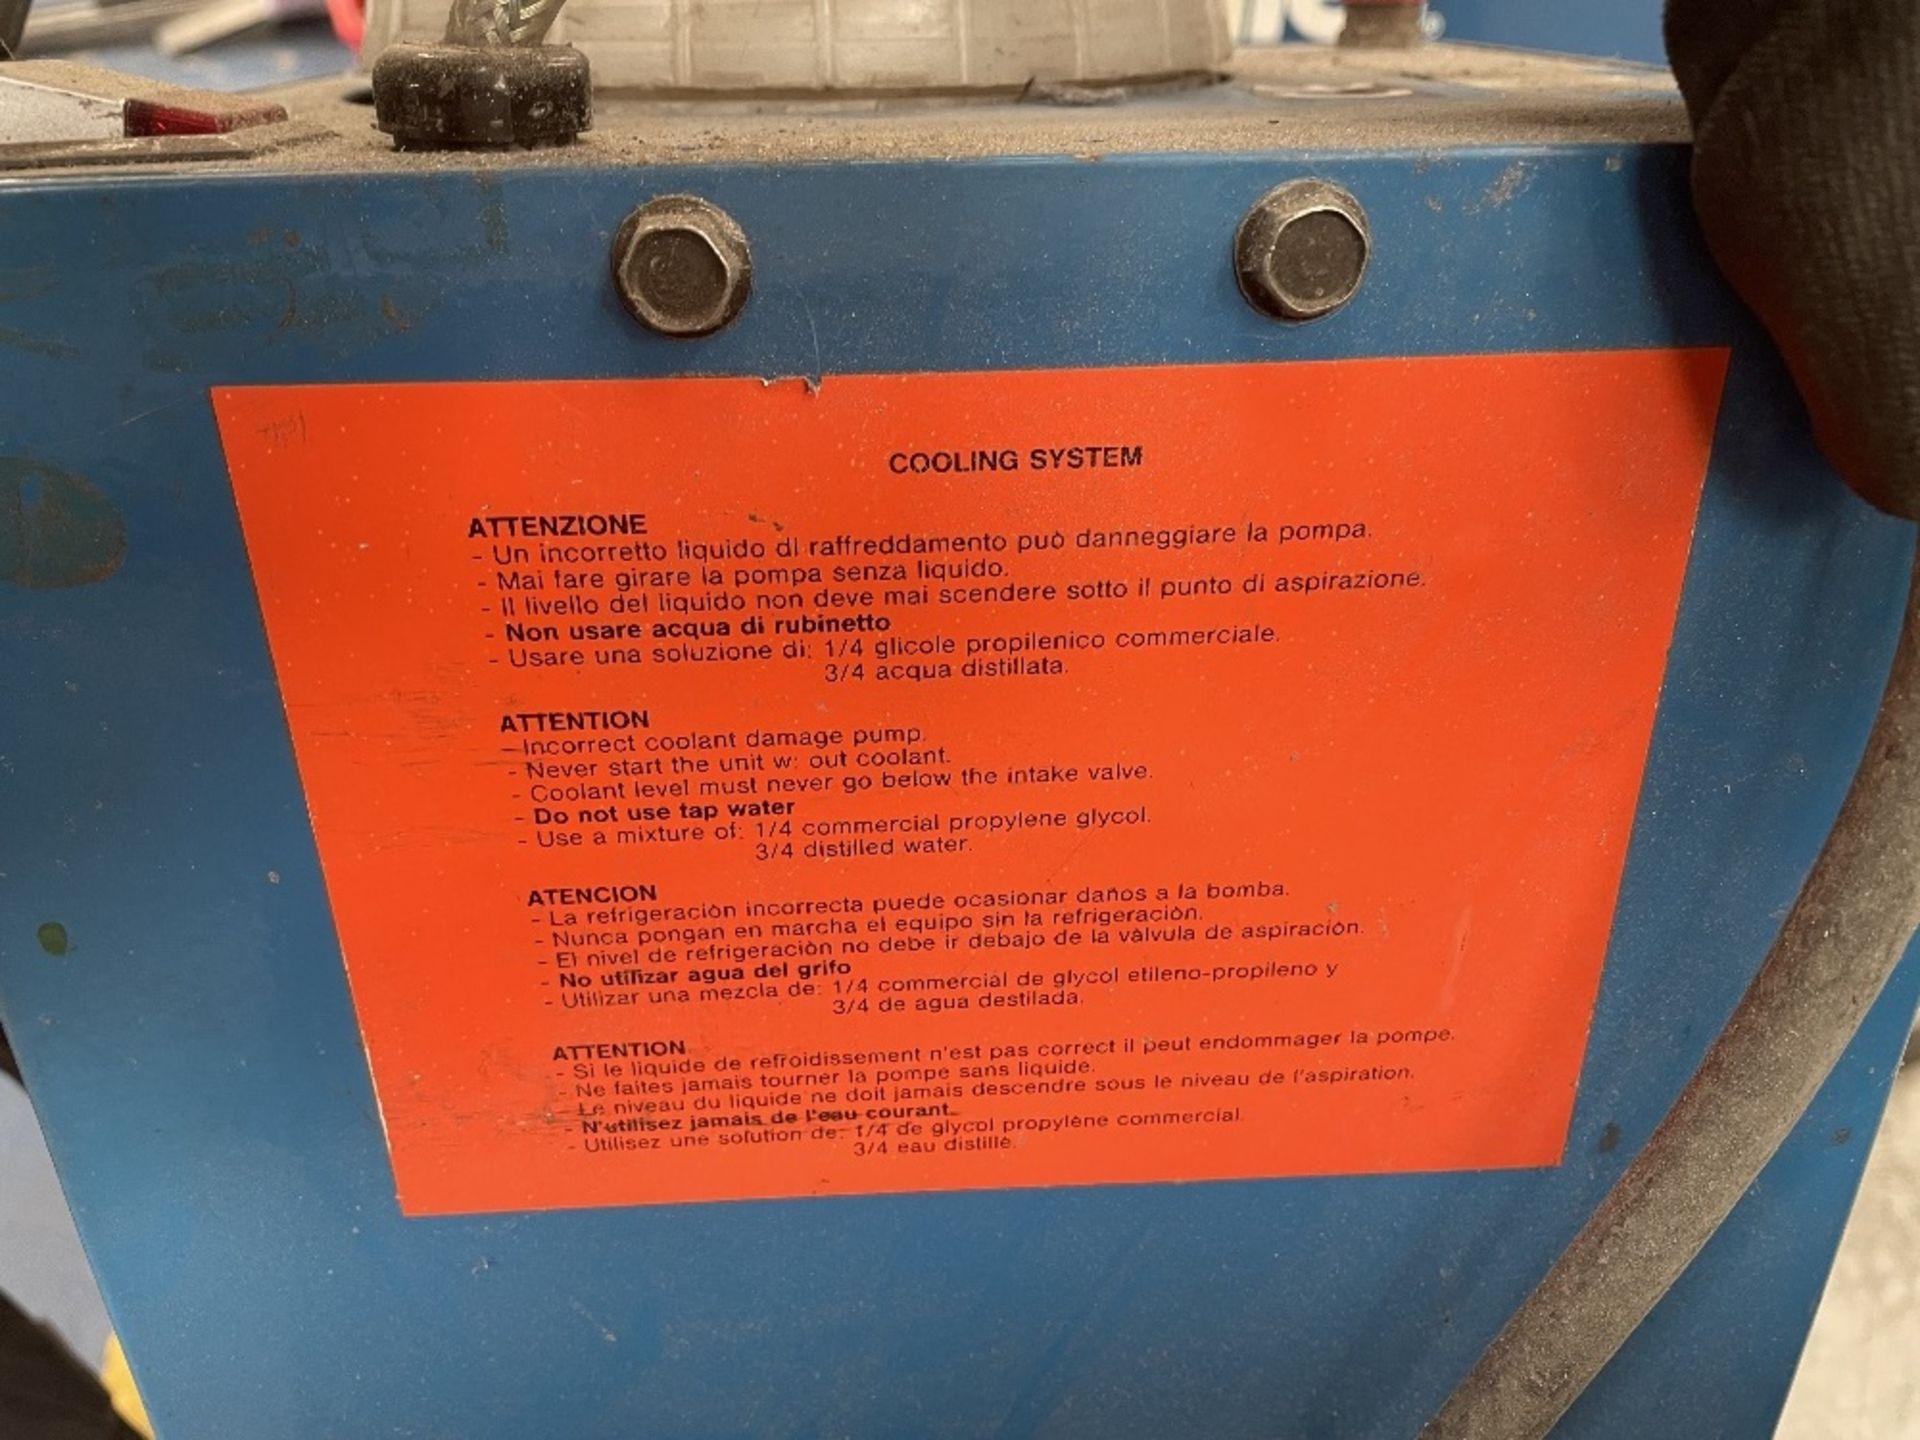 Miller Syncrowave 250 Tig Welder w/ Miller Water Cooler - Image 4 of 5